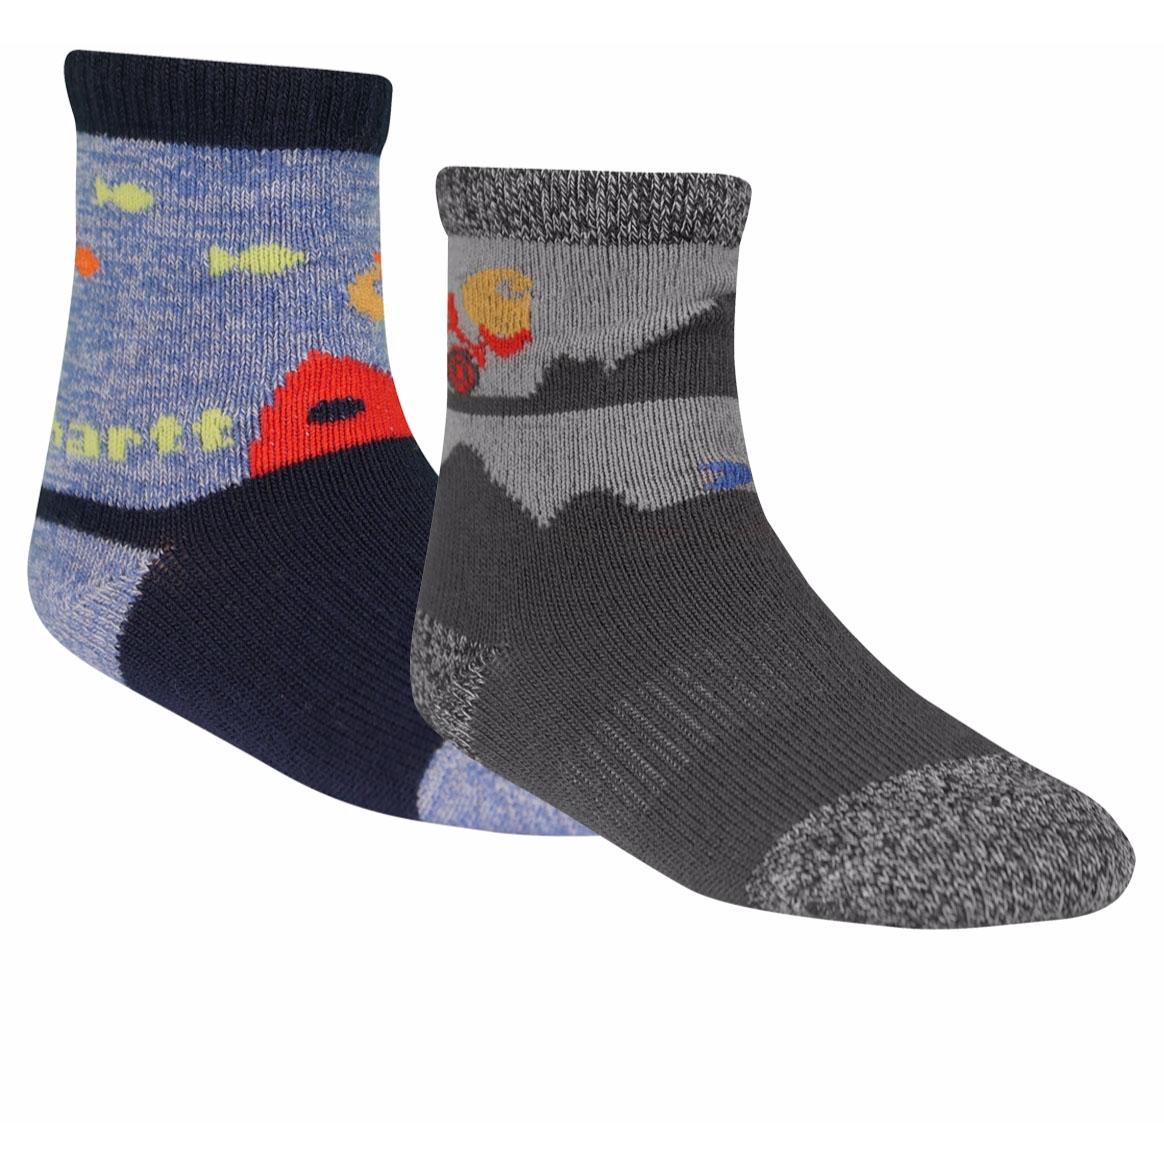 Carhartt Infant Toddler Socks